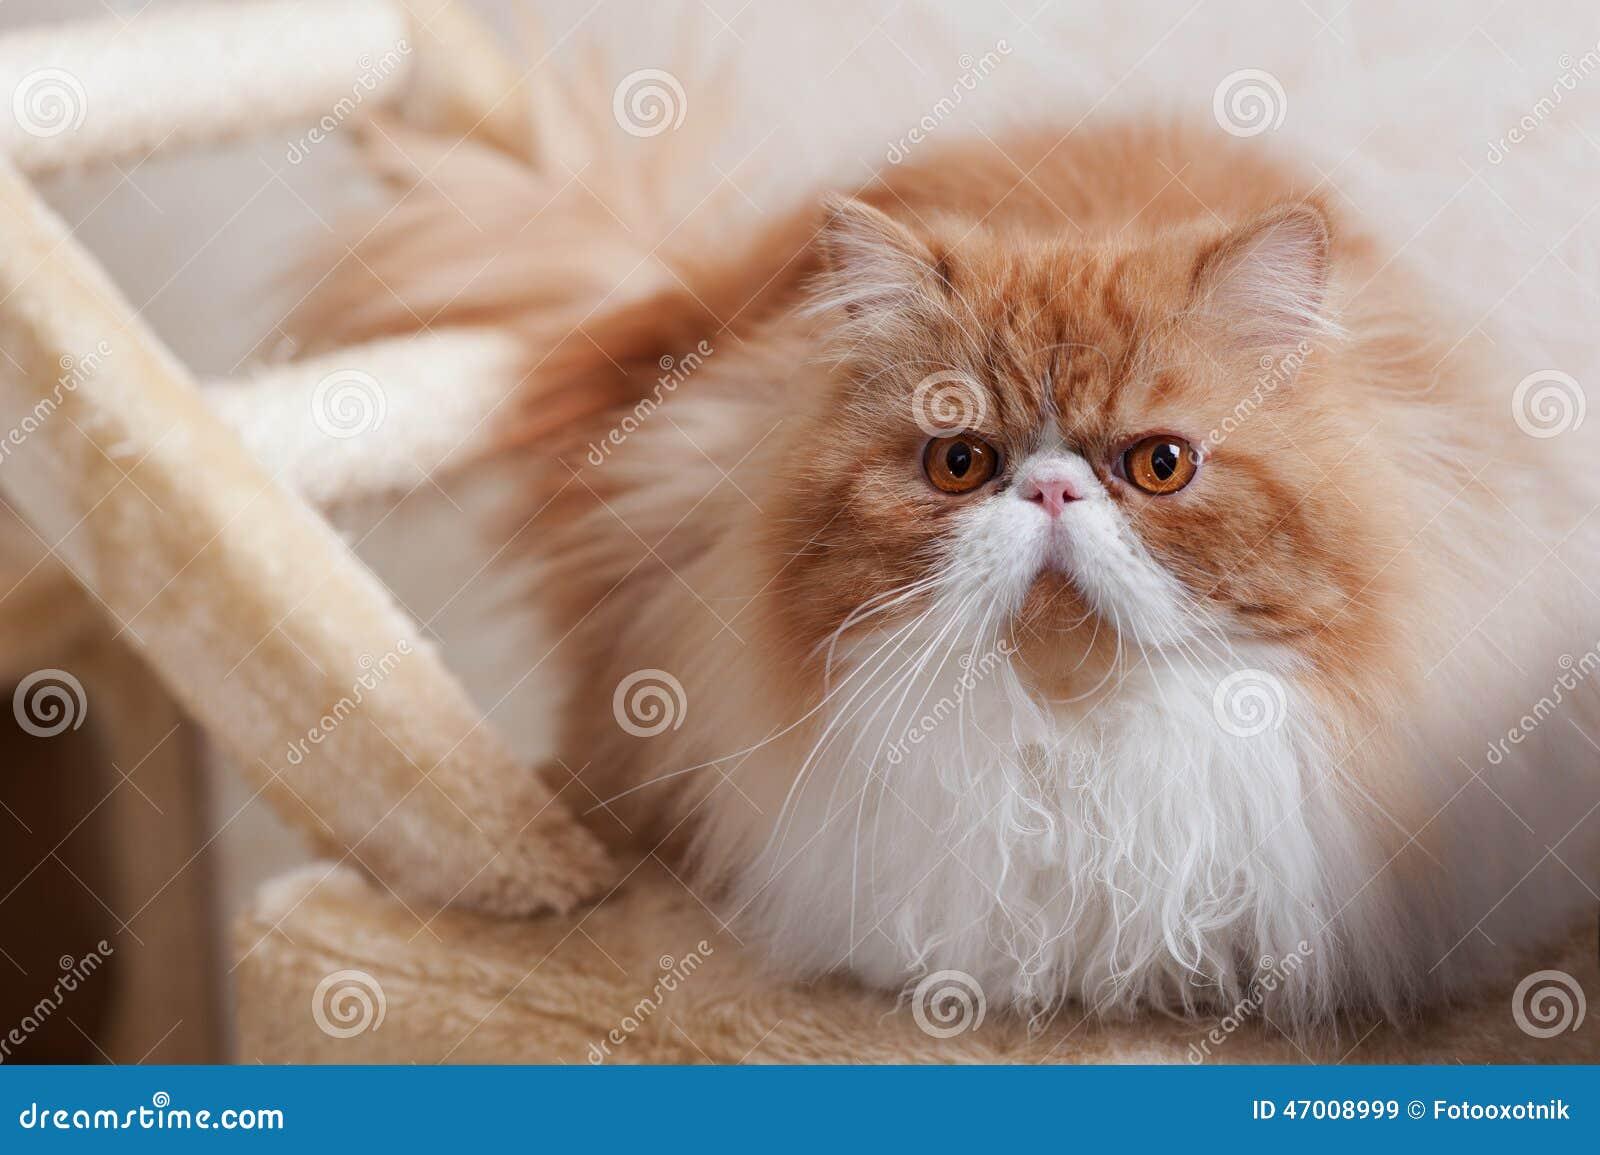 Huis Perzisch katje van Rode en Witte Kleur